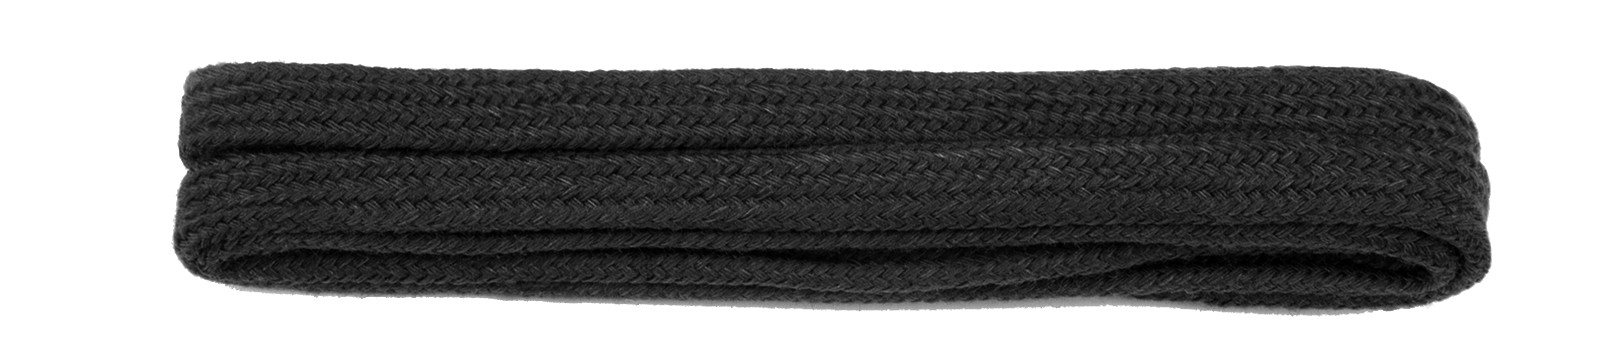 Black Fine Flat Laces